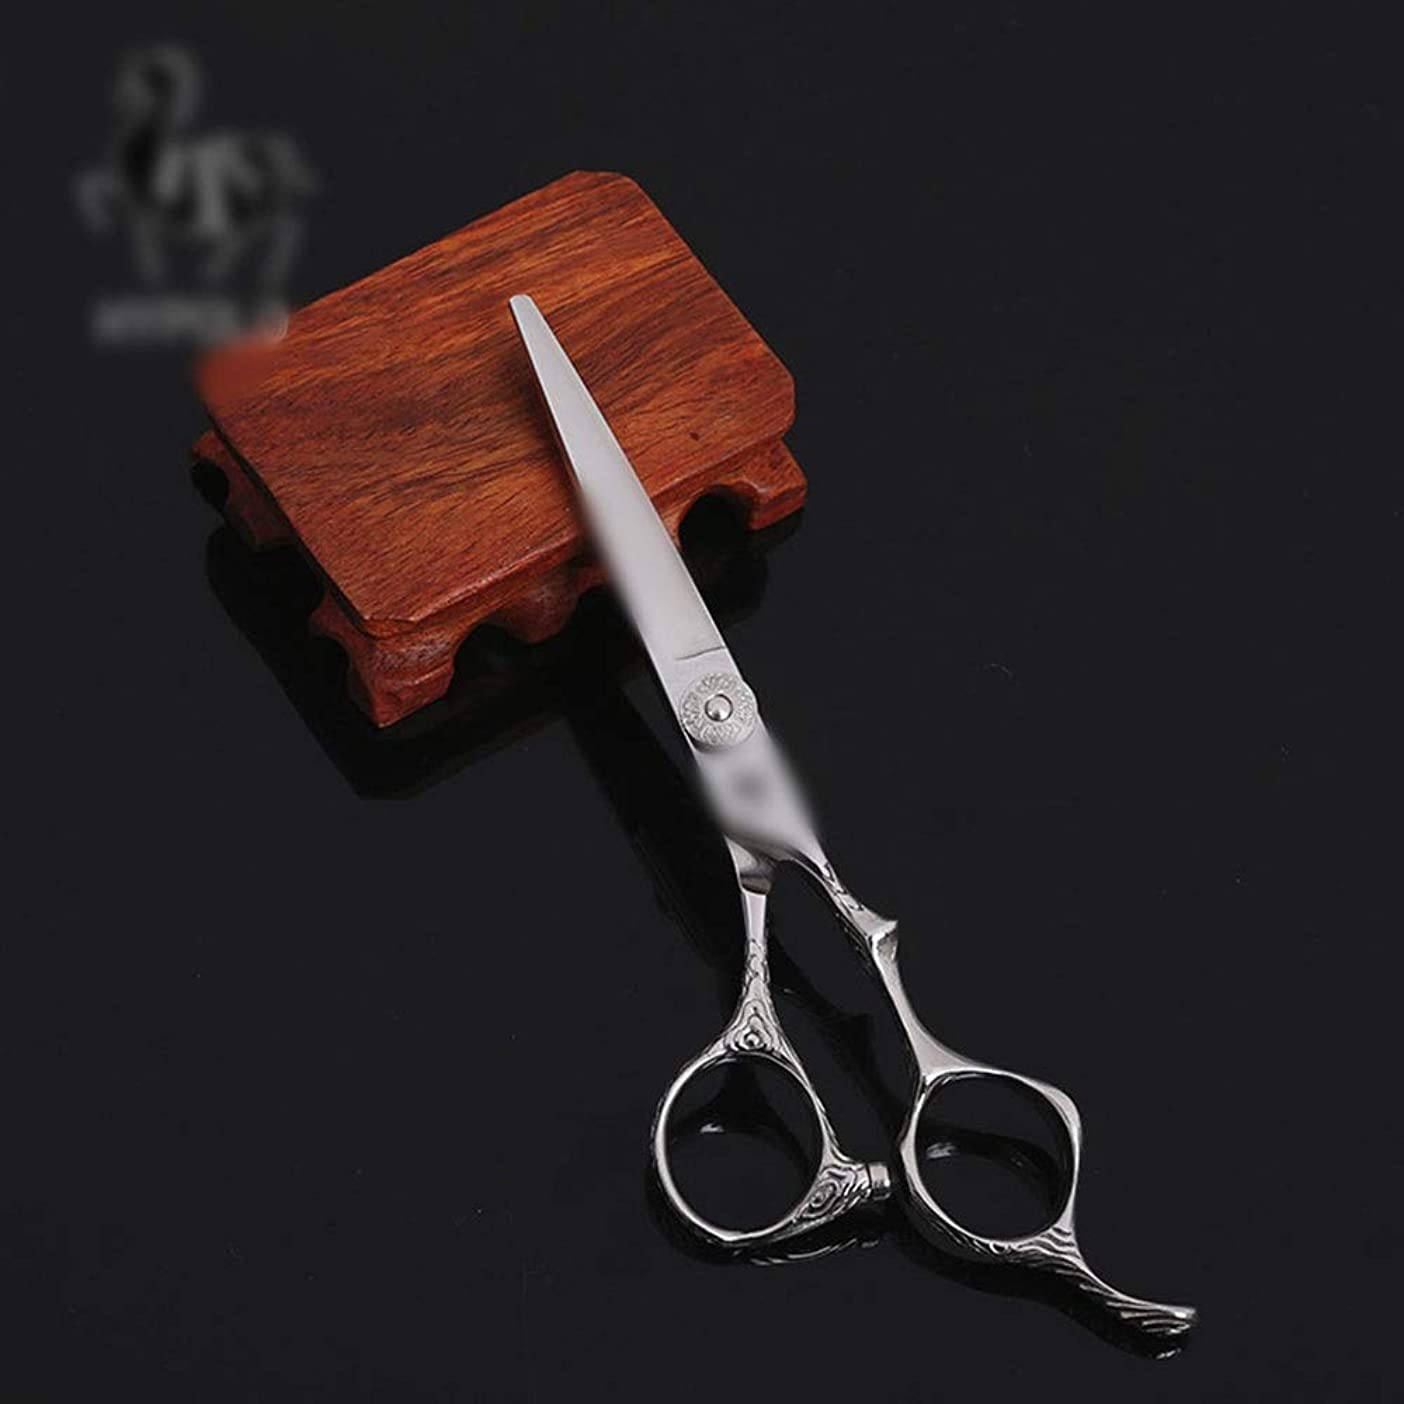 雇用悲劇内なる6インチの美容院の専門の理髪はさみの平らなはさみ、ハイエンドの専門の理髪用具の平らなはさみ ヘアケア (色 : Silver)